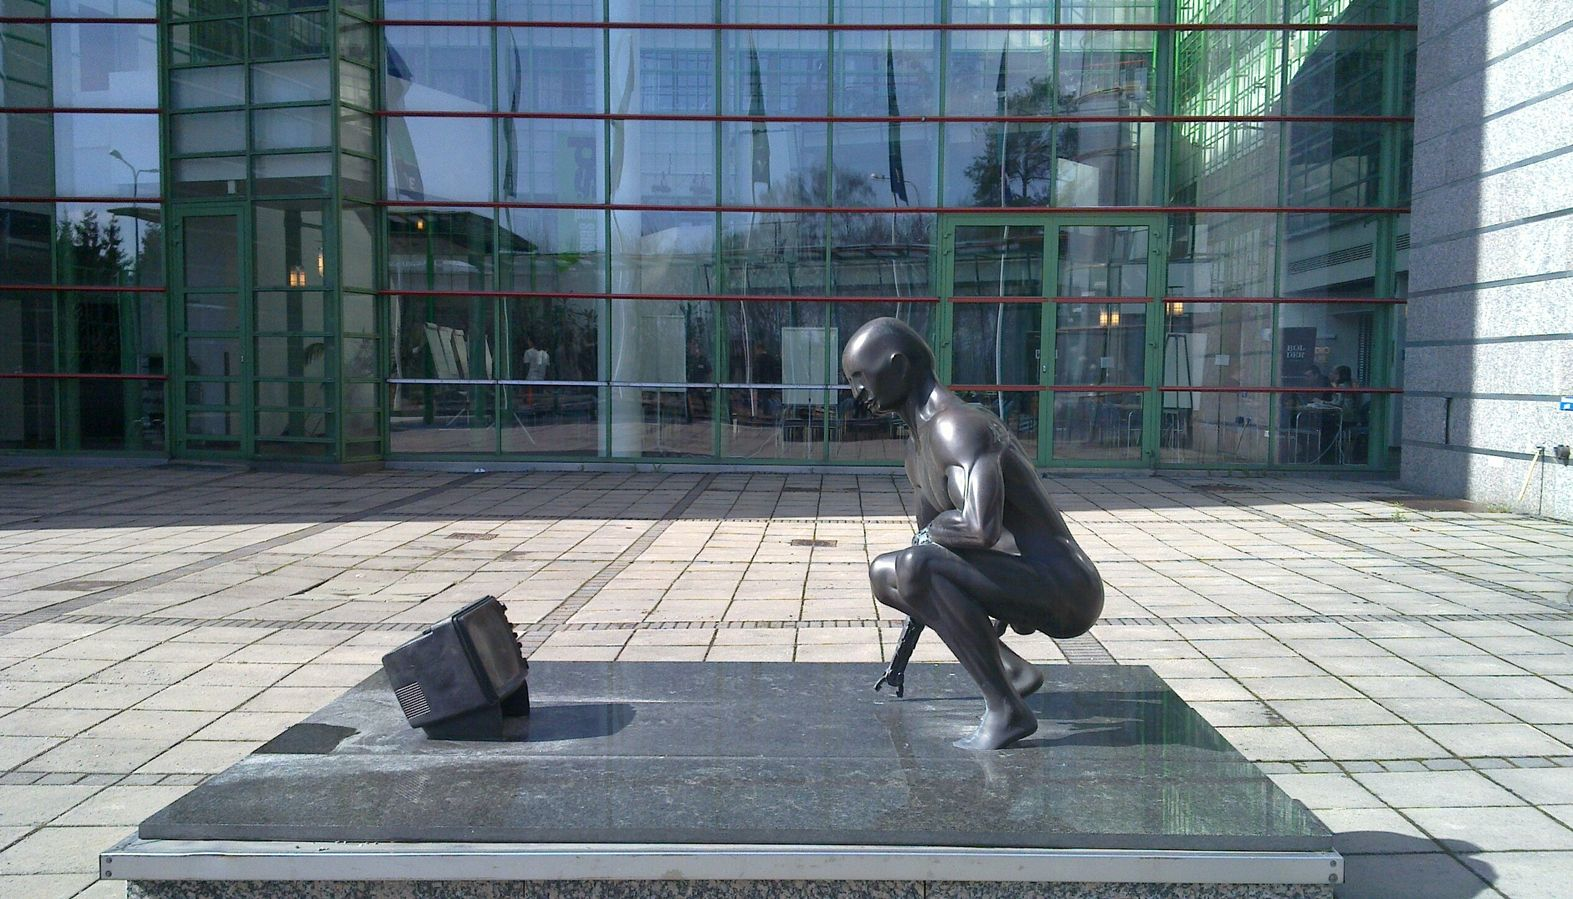 Skulptur utenfor Yles hovedkontor i Helsingfors.